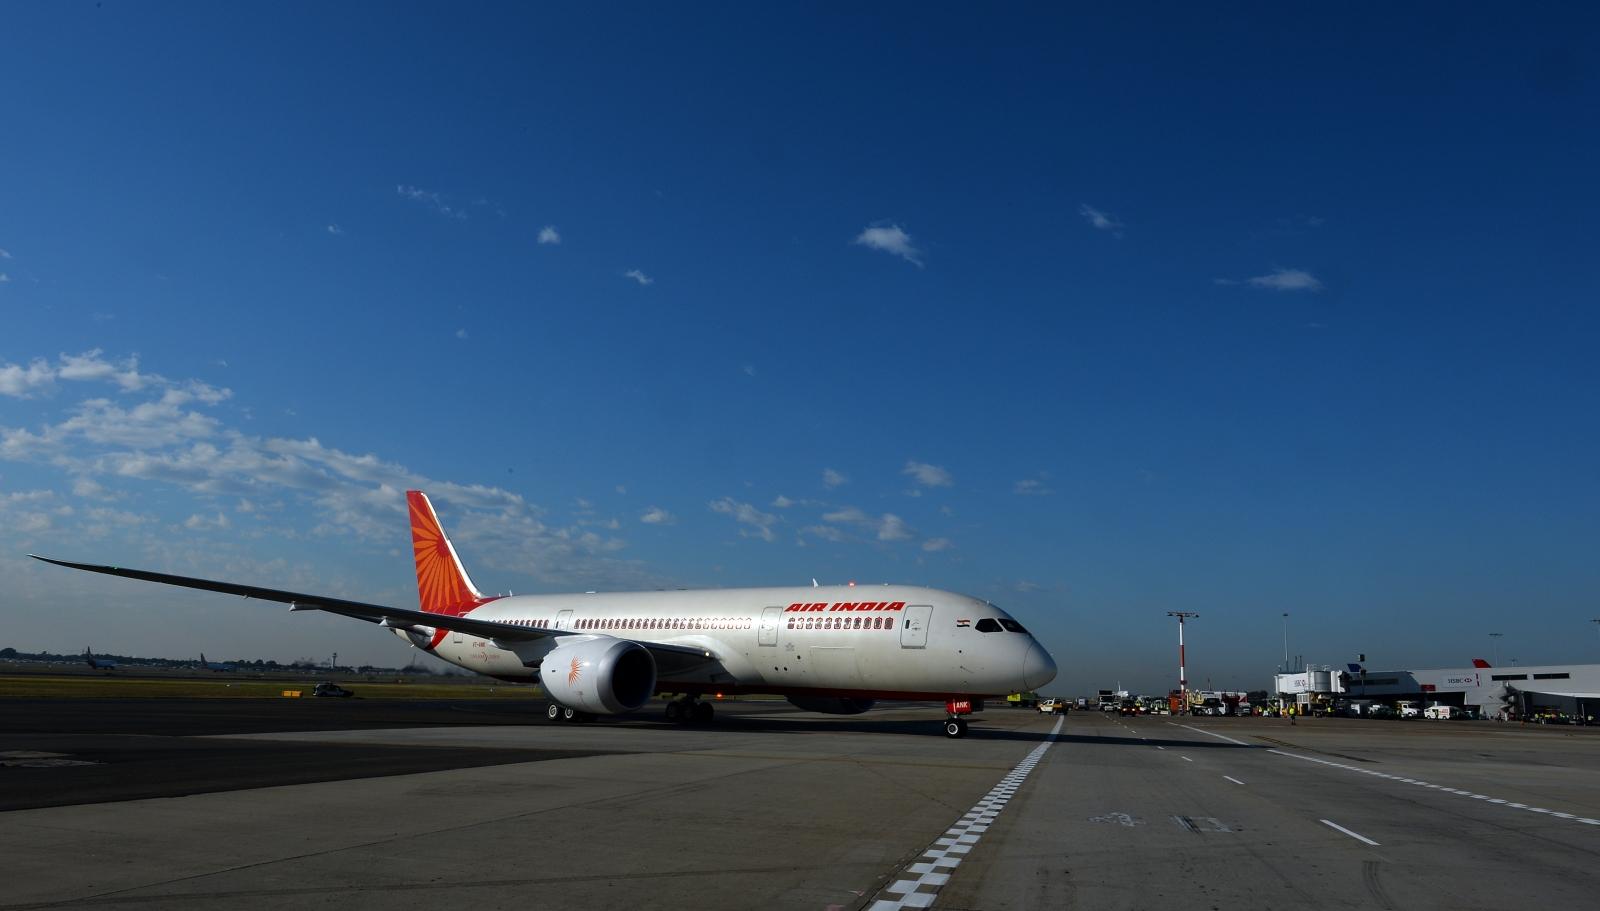 air india - photo #31